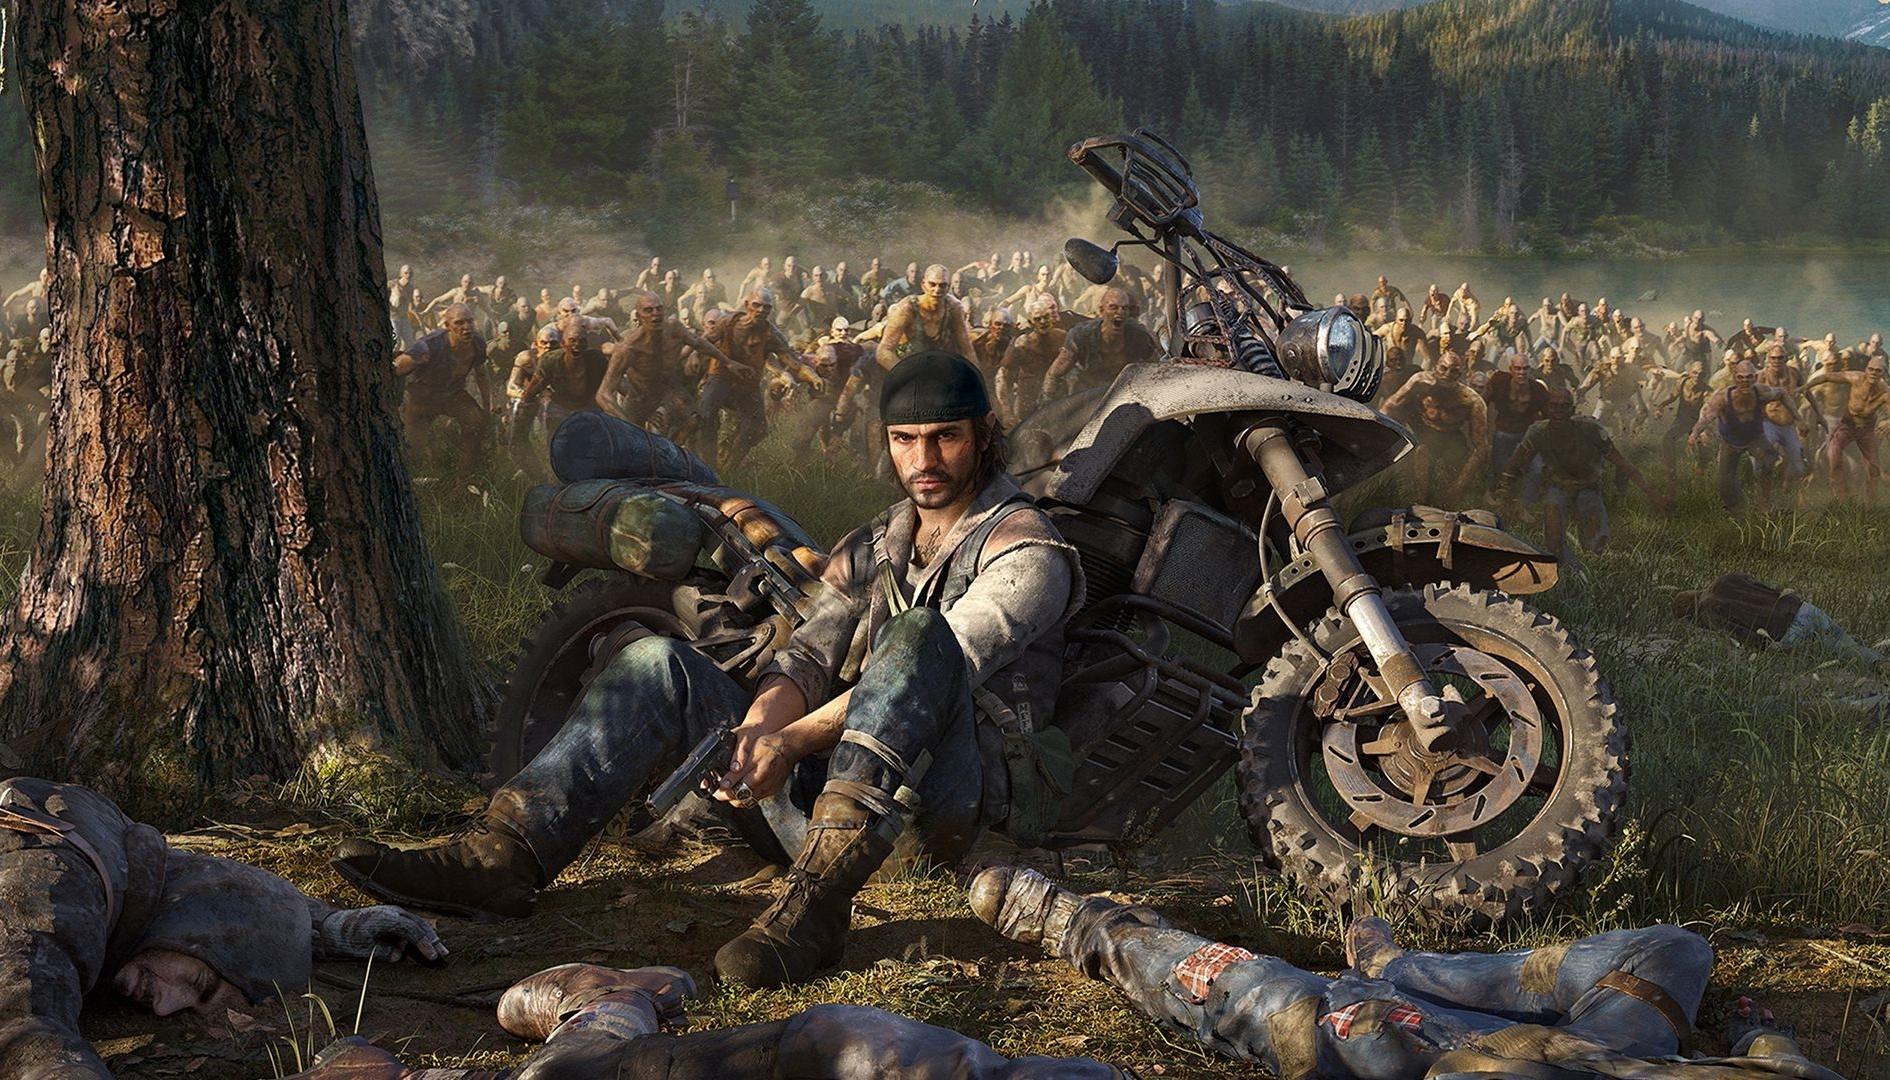 Days Gone arriva su PC: presto usciranno altre esclusive PlayStation